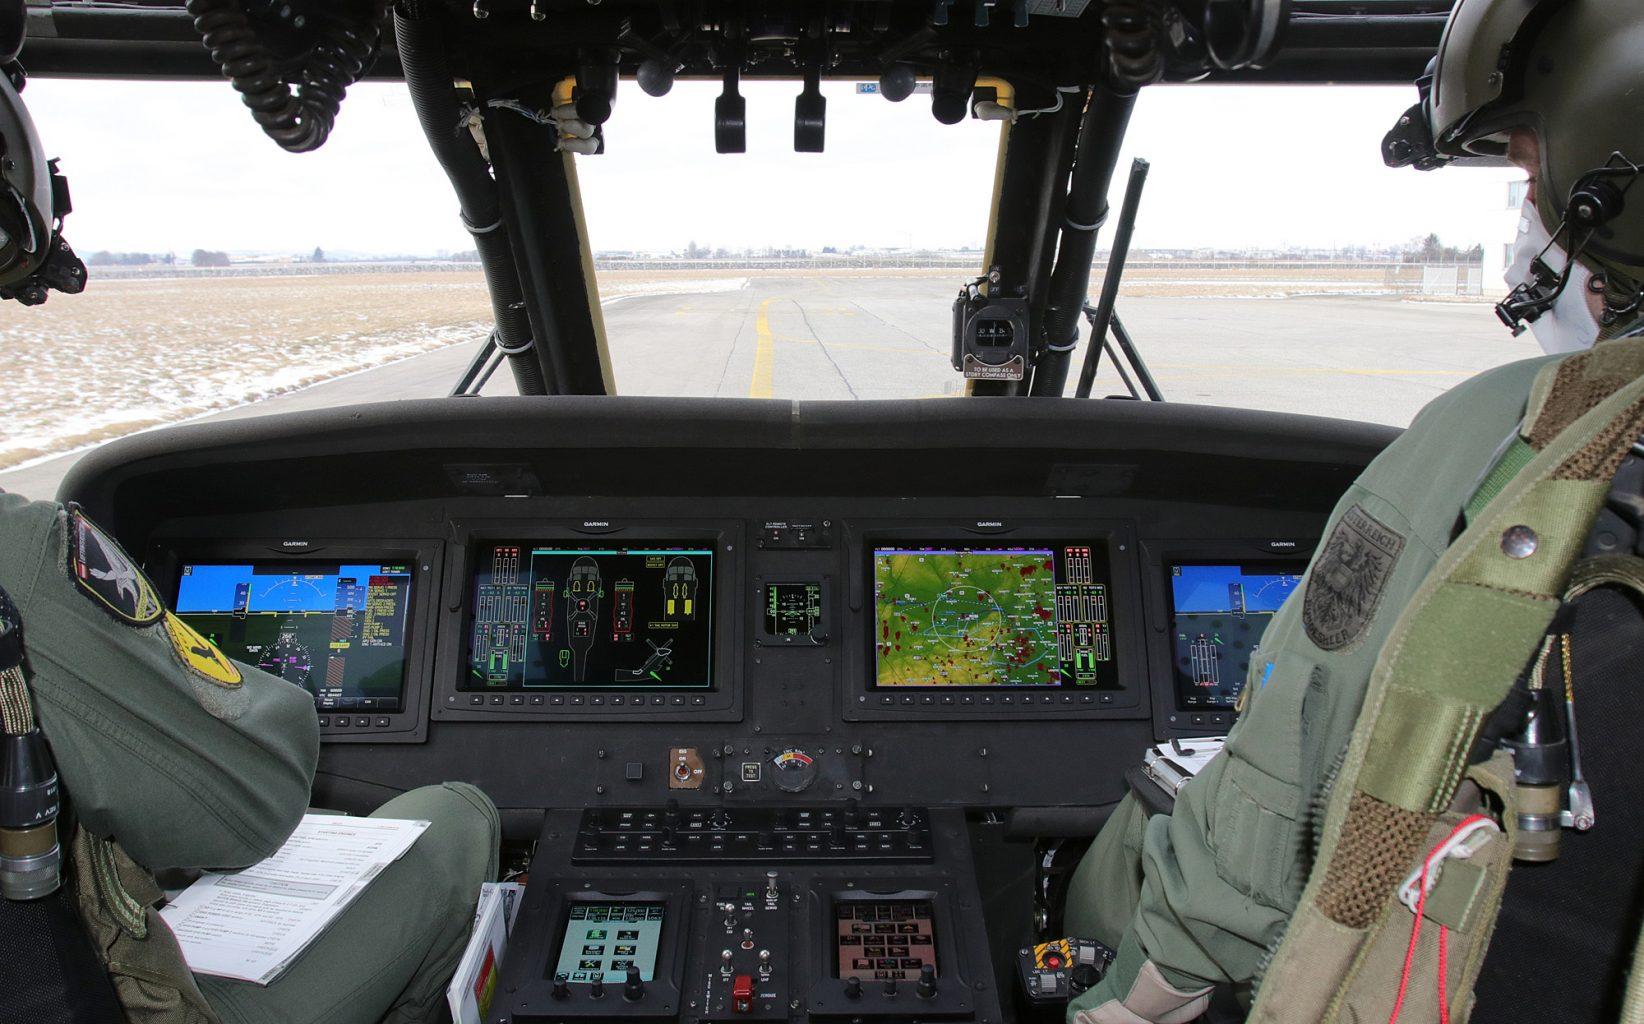 Das neue Cockpit ist um vier NVG-taugliche 12-Zoll Bildschirme mit 4K Ultra-HD Auflösung und zwei Touchscreen Controller aufgebaut © Georg Mader